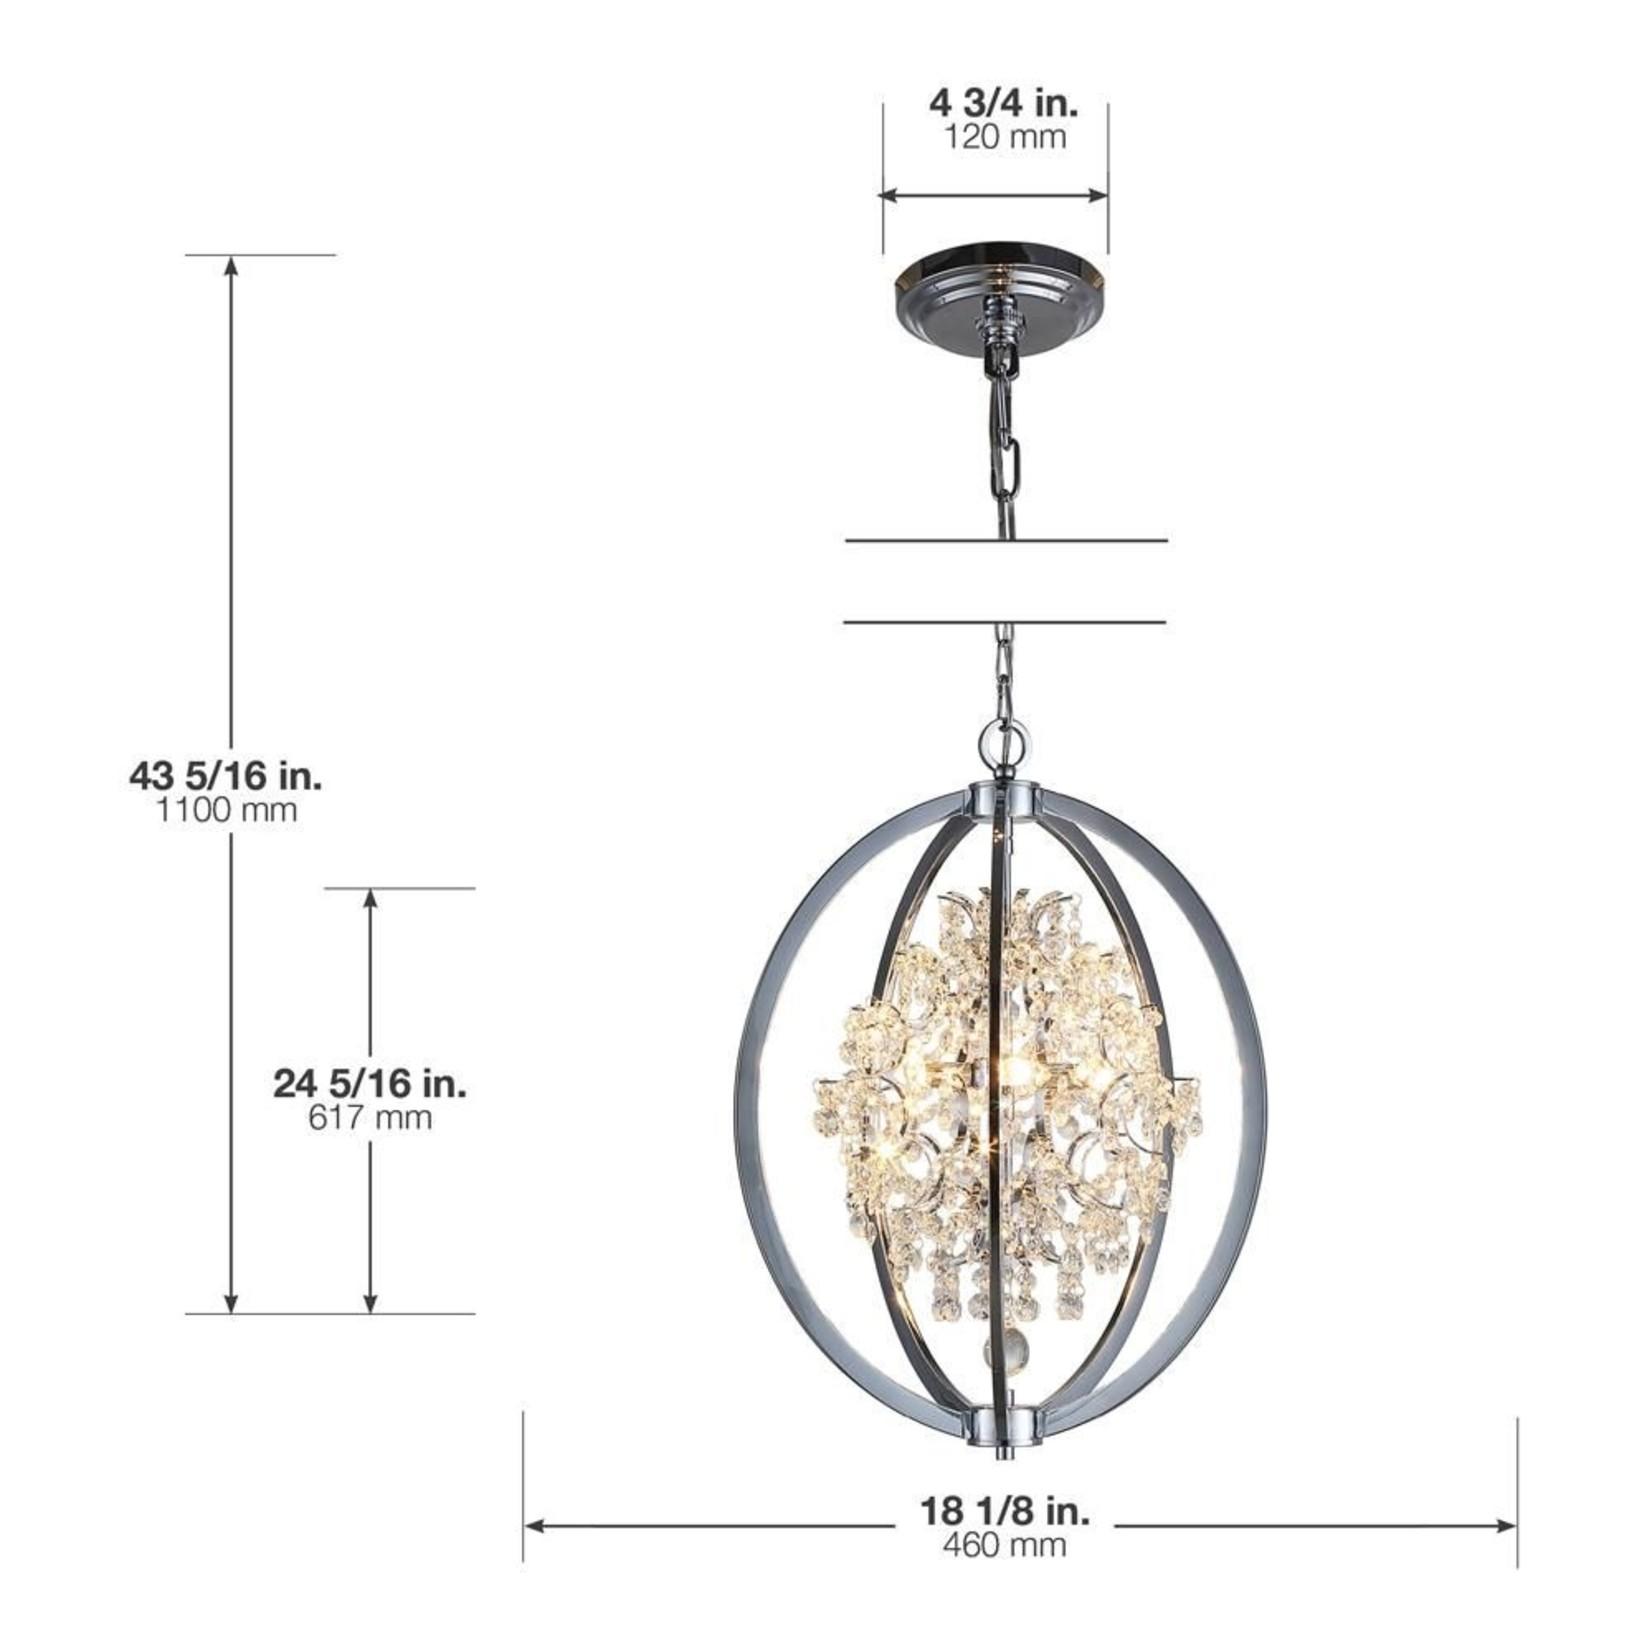 Luminaire Pena chrome LED Ove